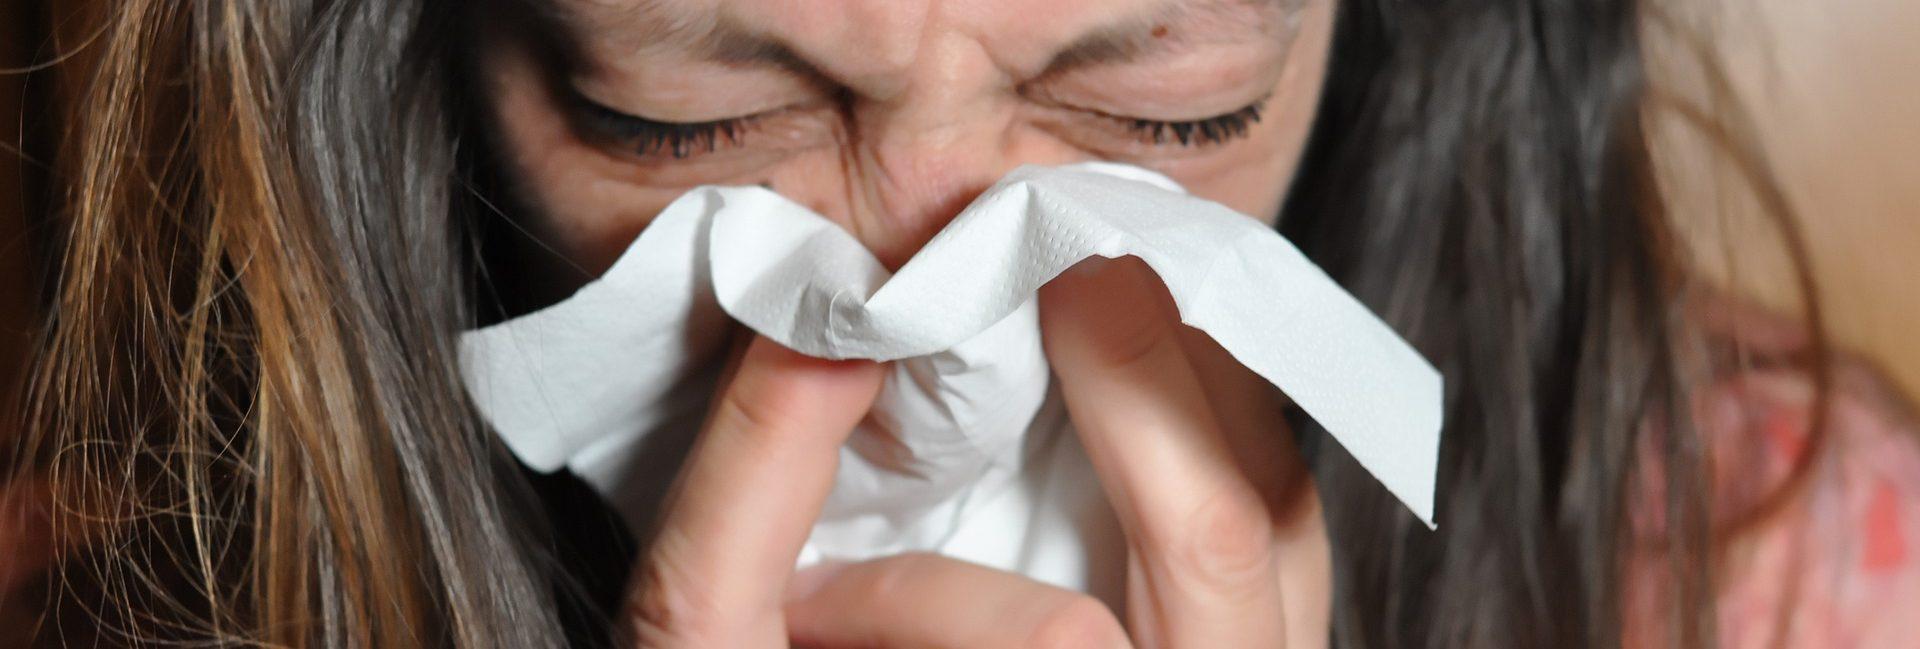 przeziębiłam się